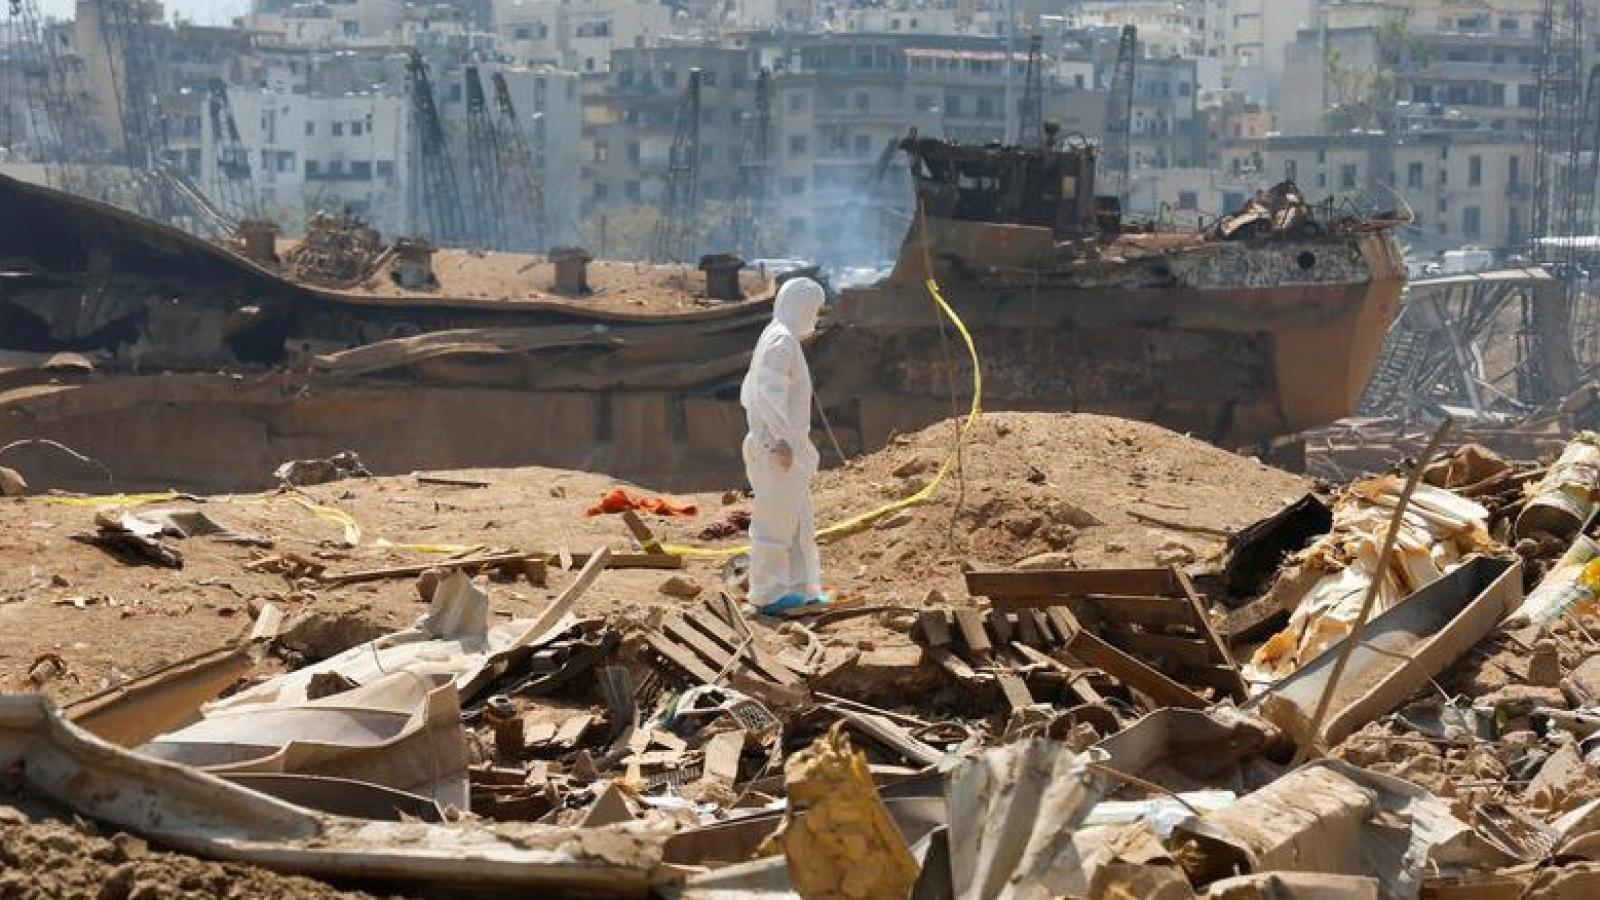 Quốc tế cam kết trợ giúp Lebanon 250 triệu euro khắc phục hậu quả vụ nổ lớn